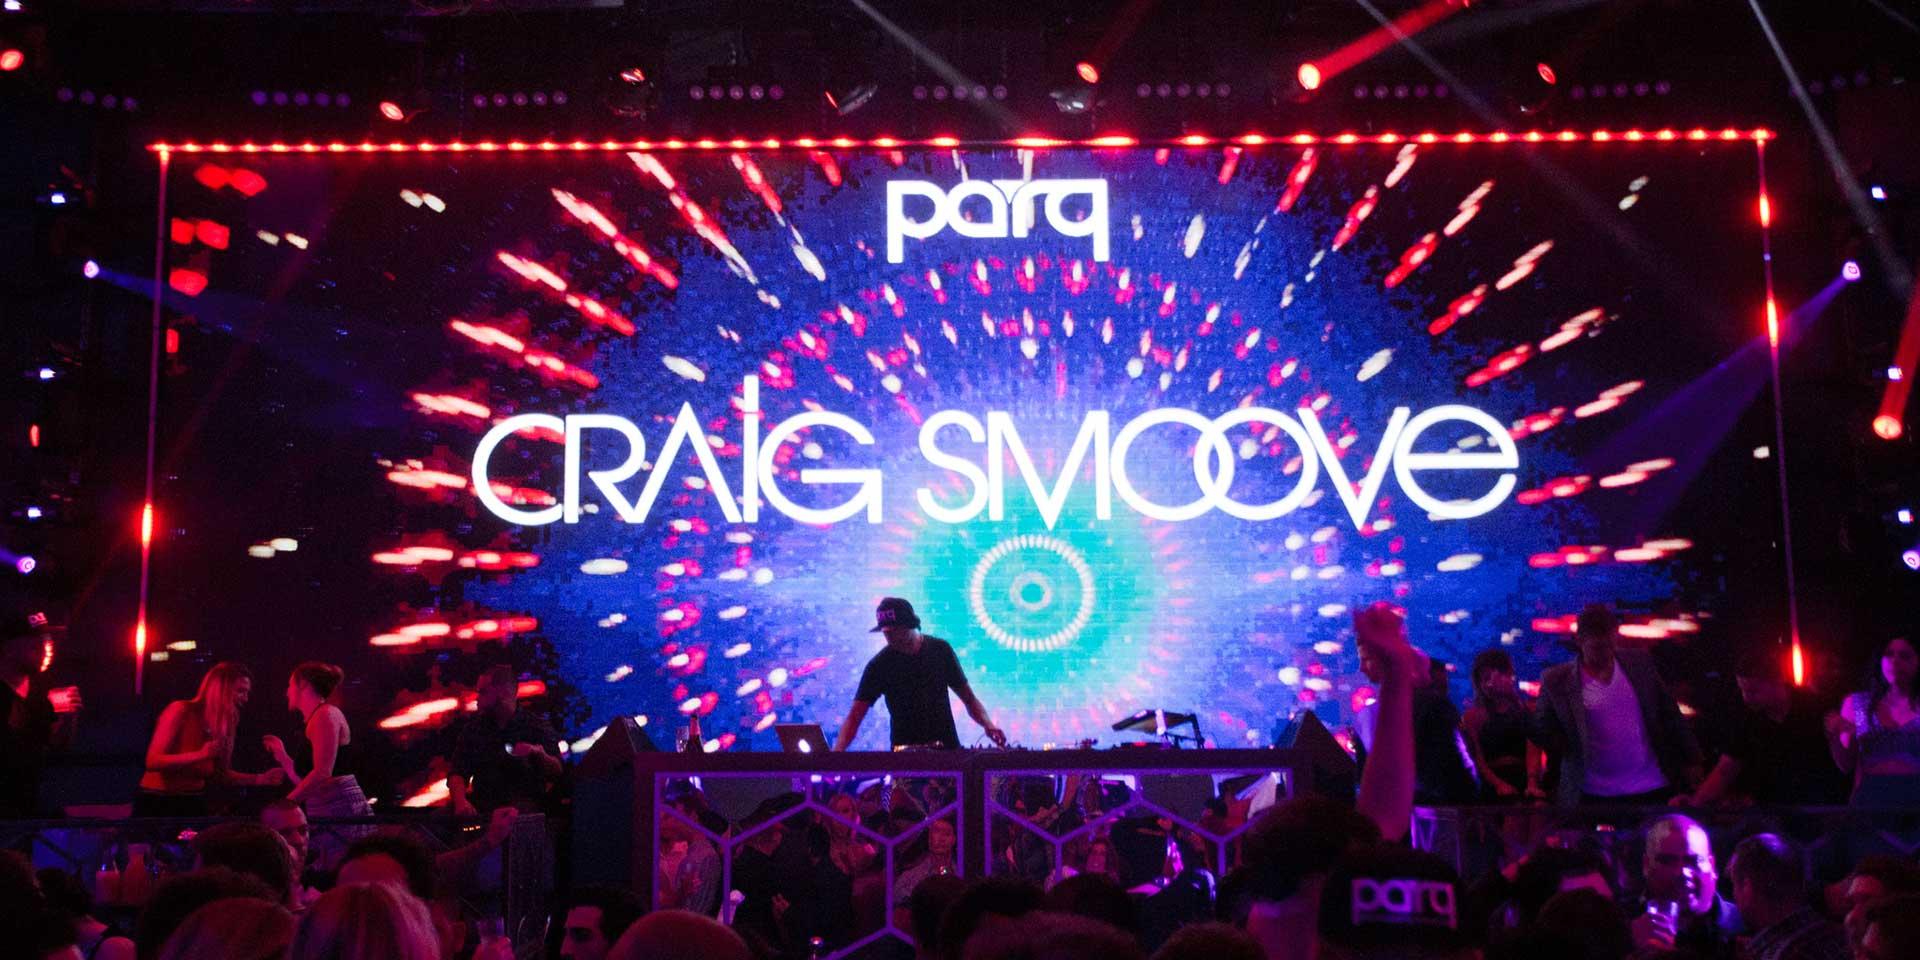 Craig Smoove & DJ Dynamiq at Parq Nightclub in San Diego